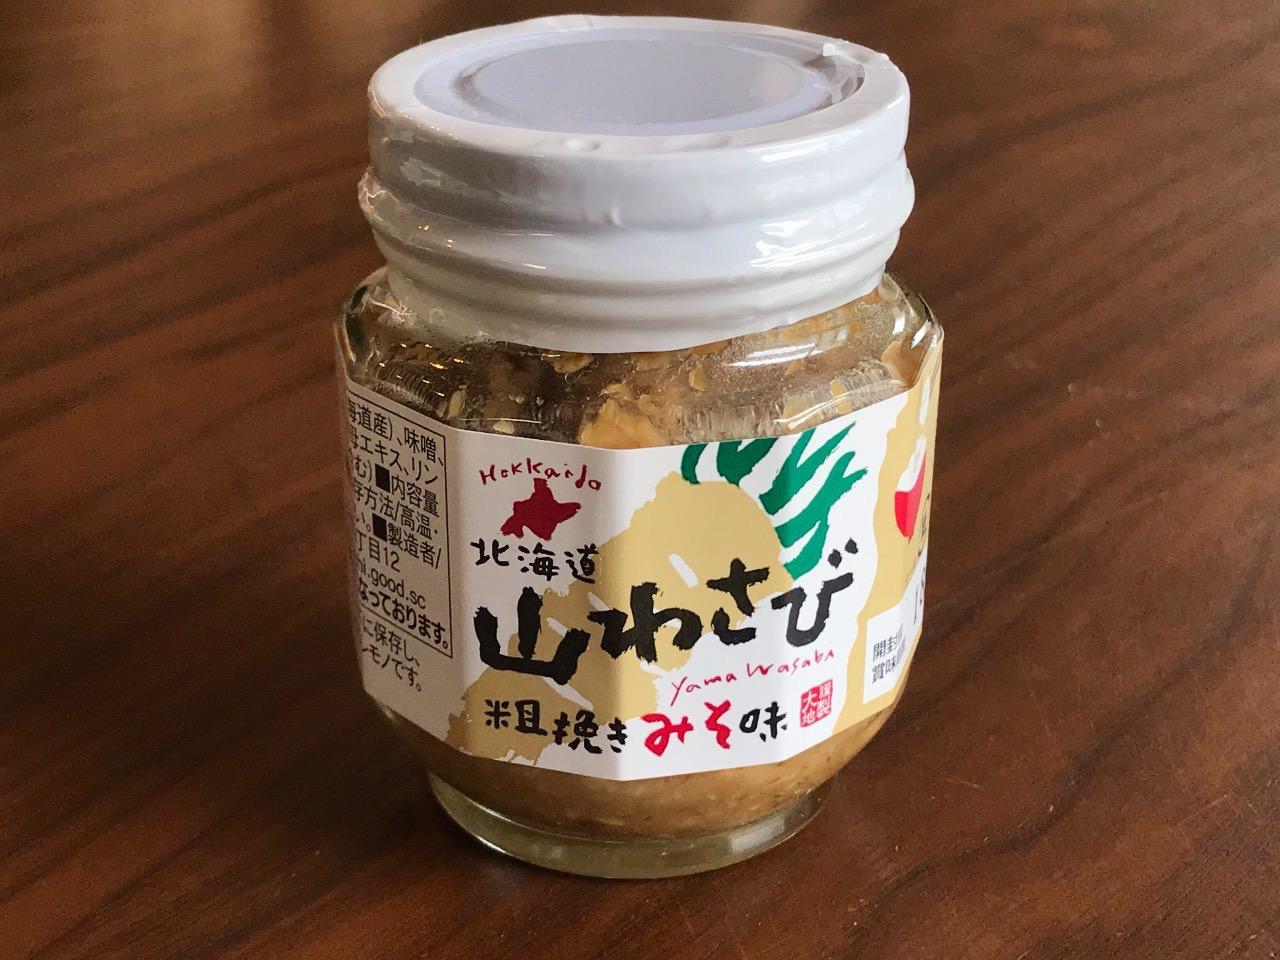 「北海道山わさび粗挽きみそ味」ご飯のお供に抜群!ほんのりピリ辛みそ味